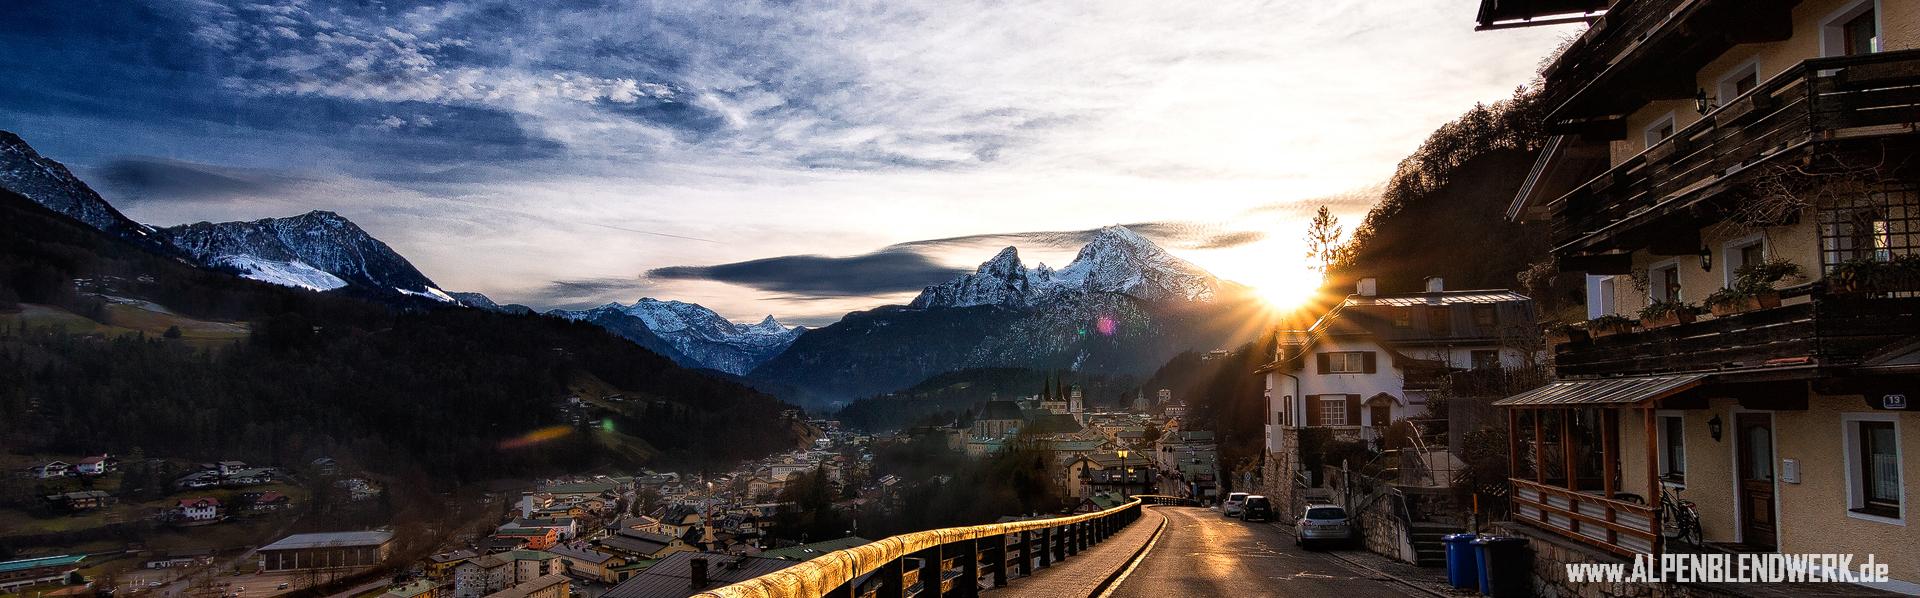 Landschaftsfotografie Deutschland – Oberbayern